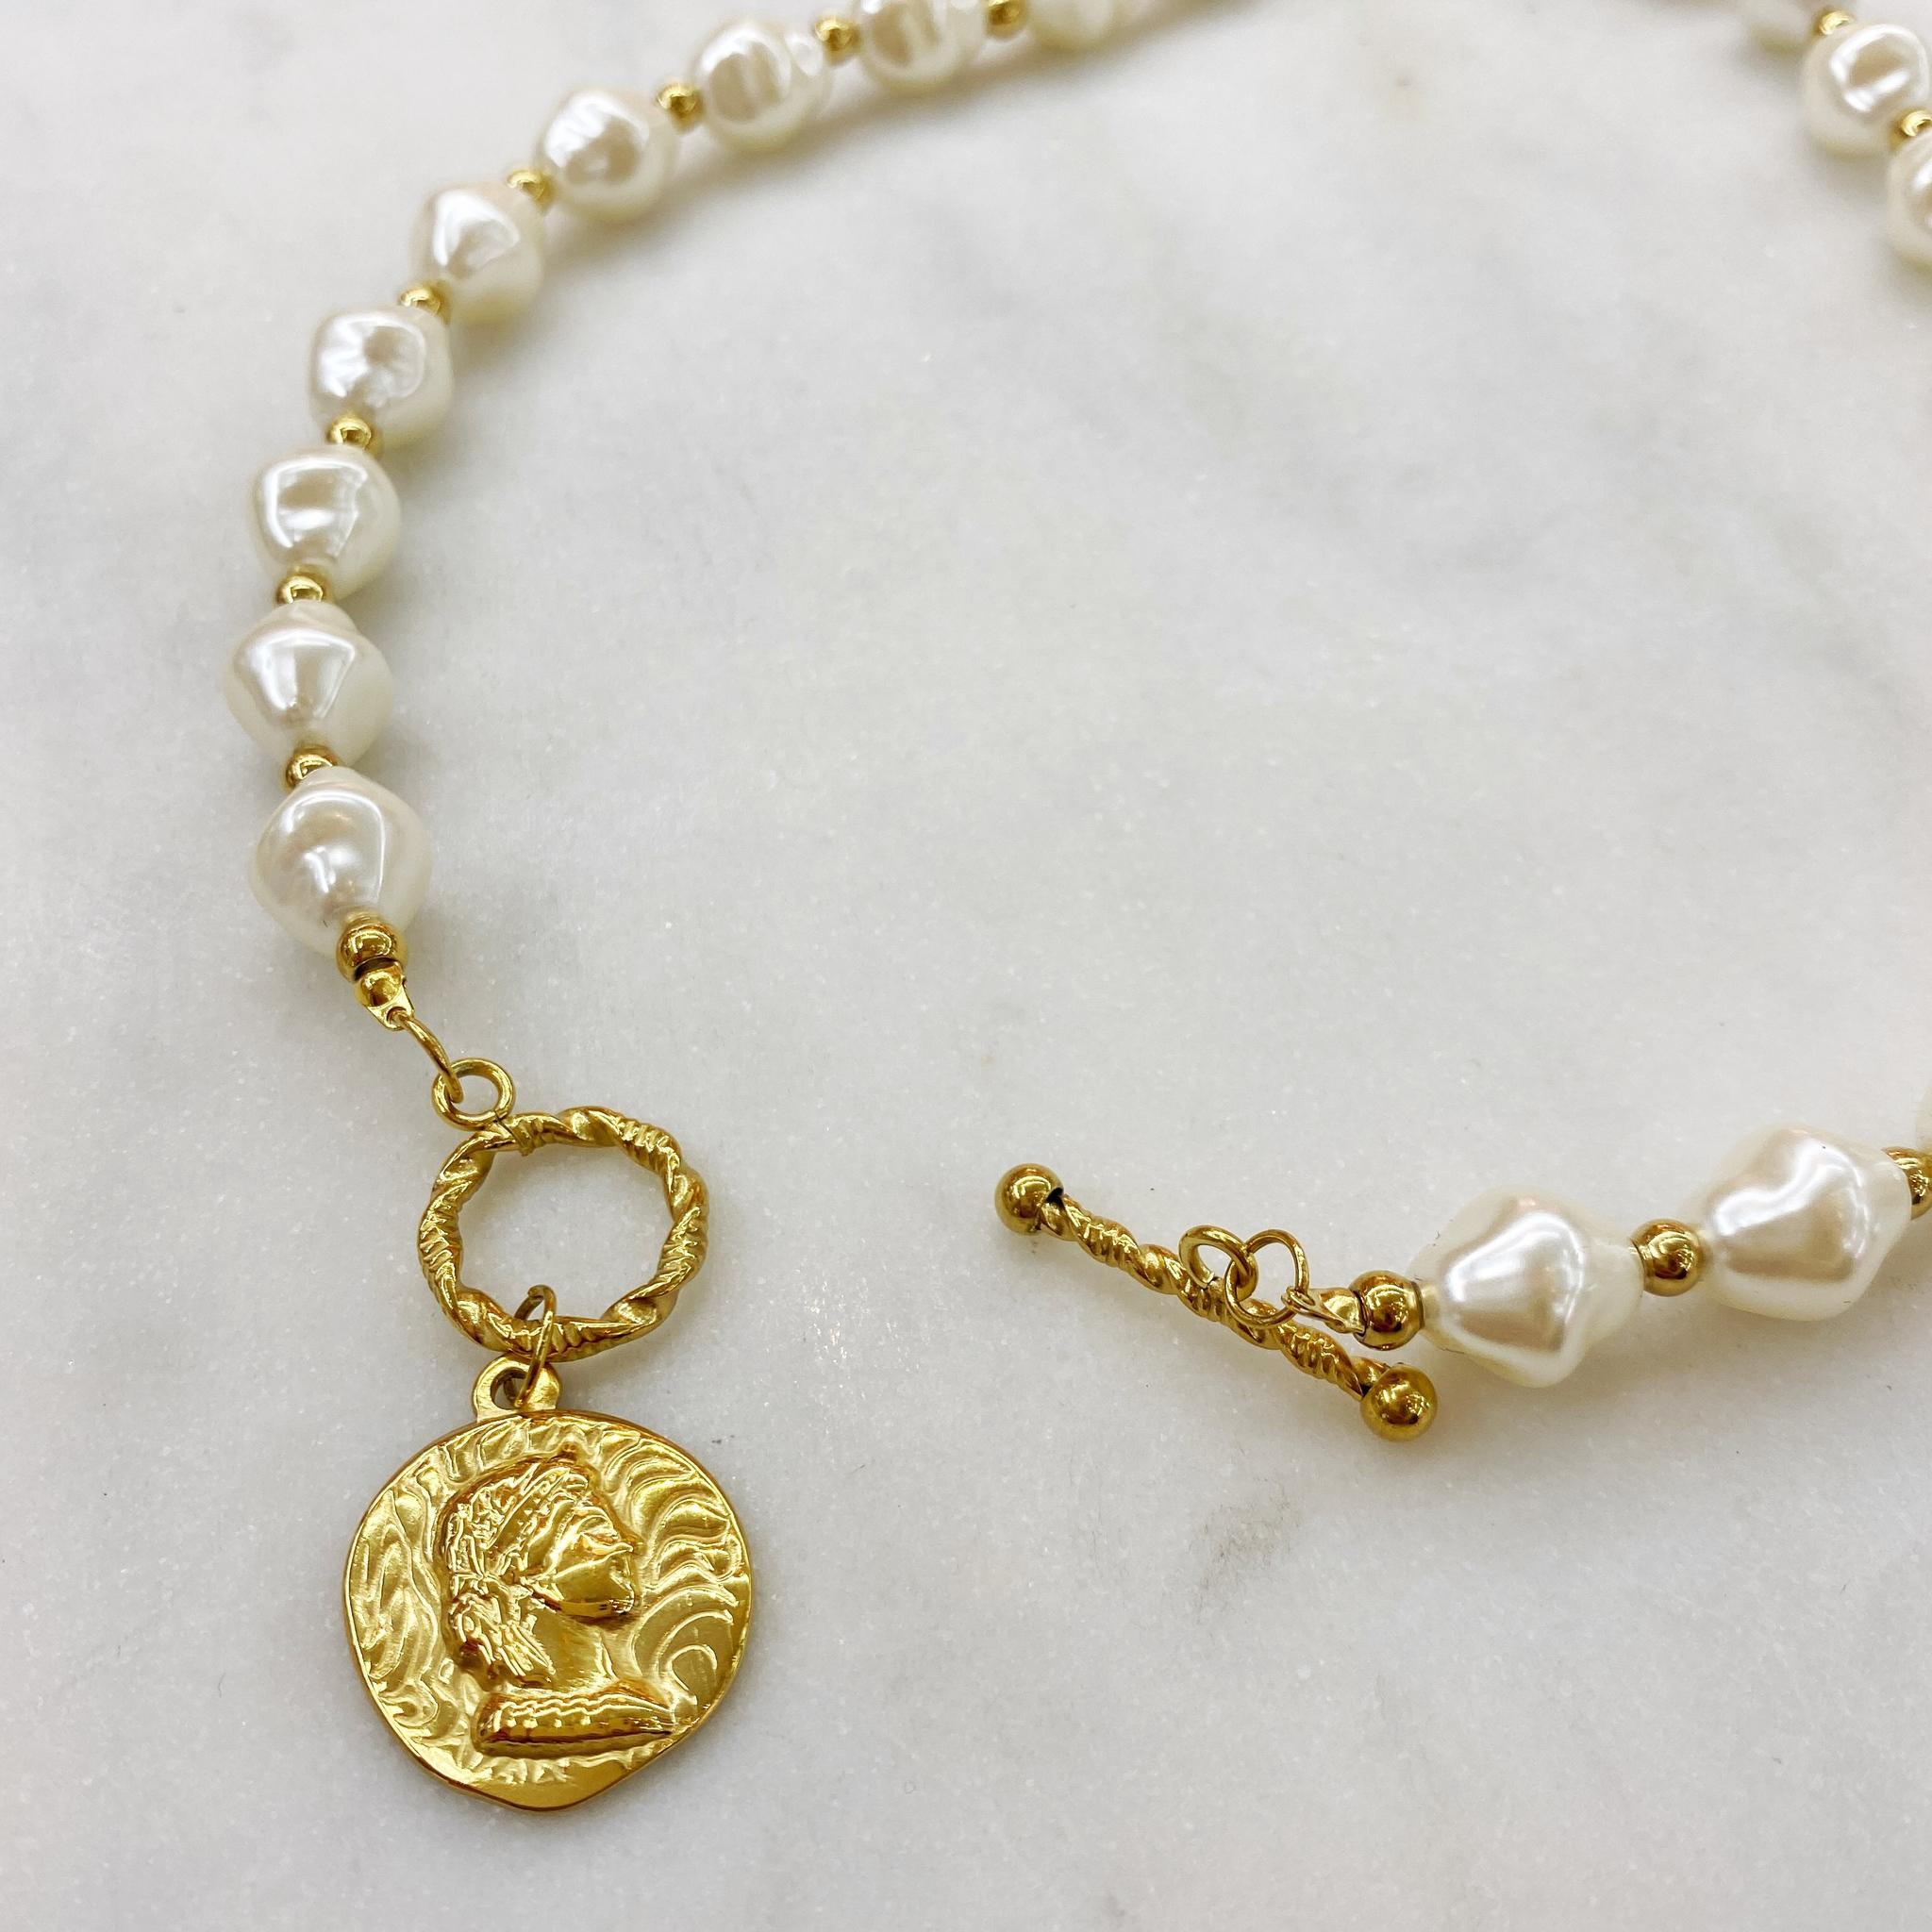 Колье из жемчужин и подвески-монеты (золотистый)